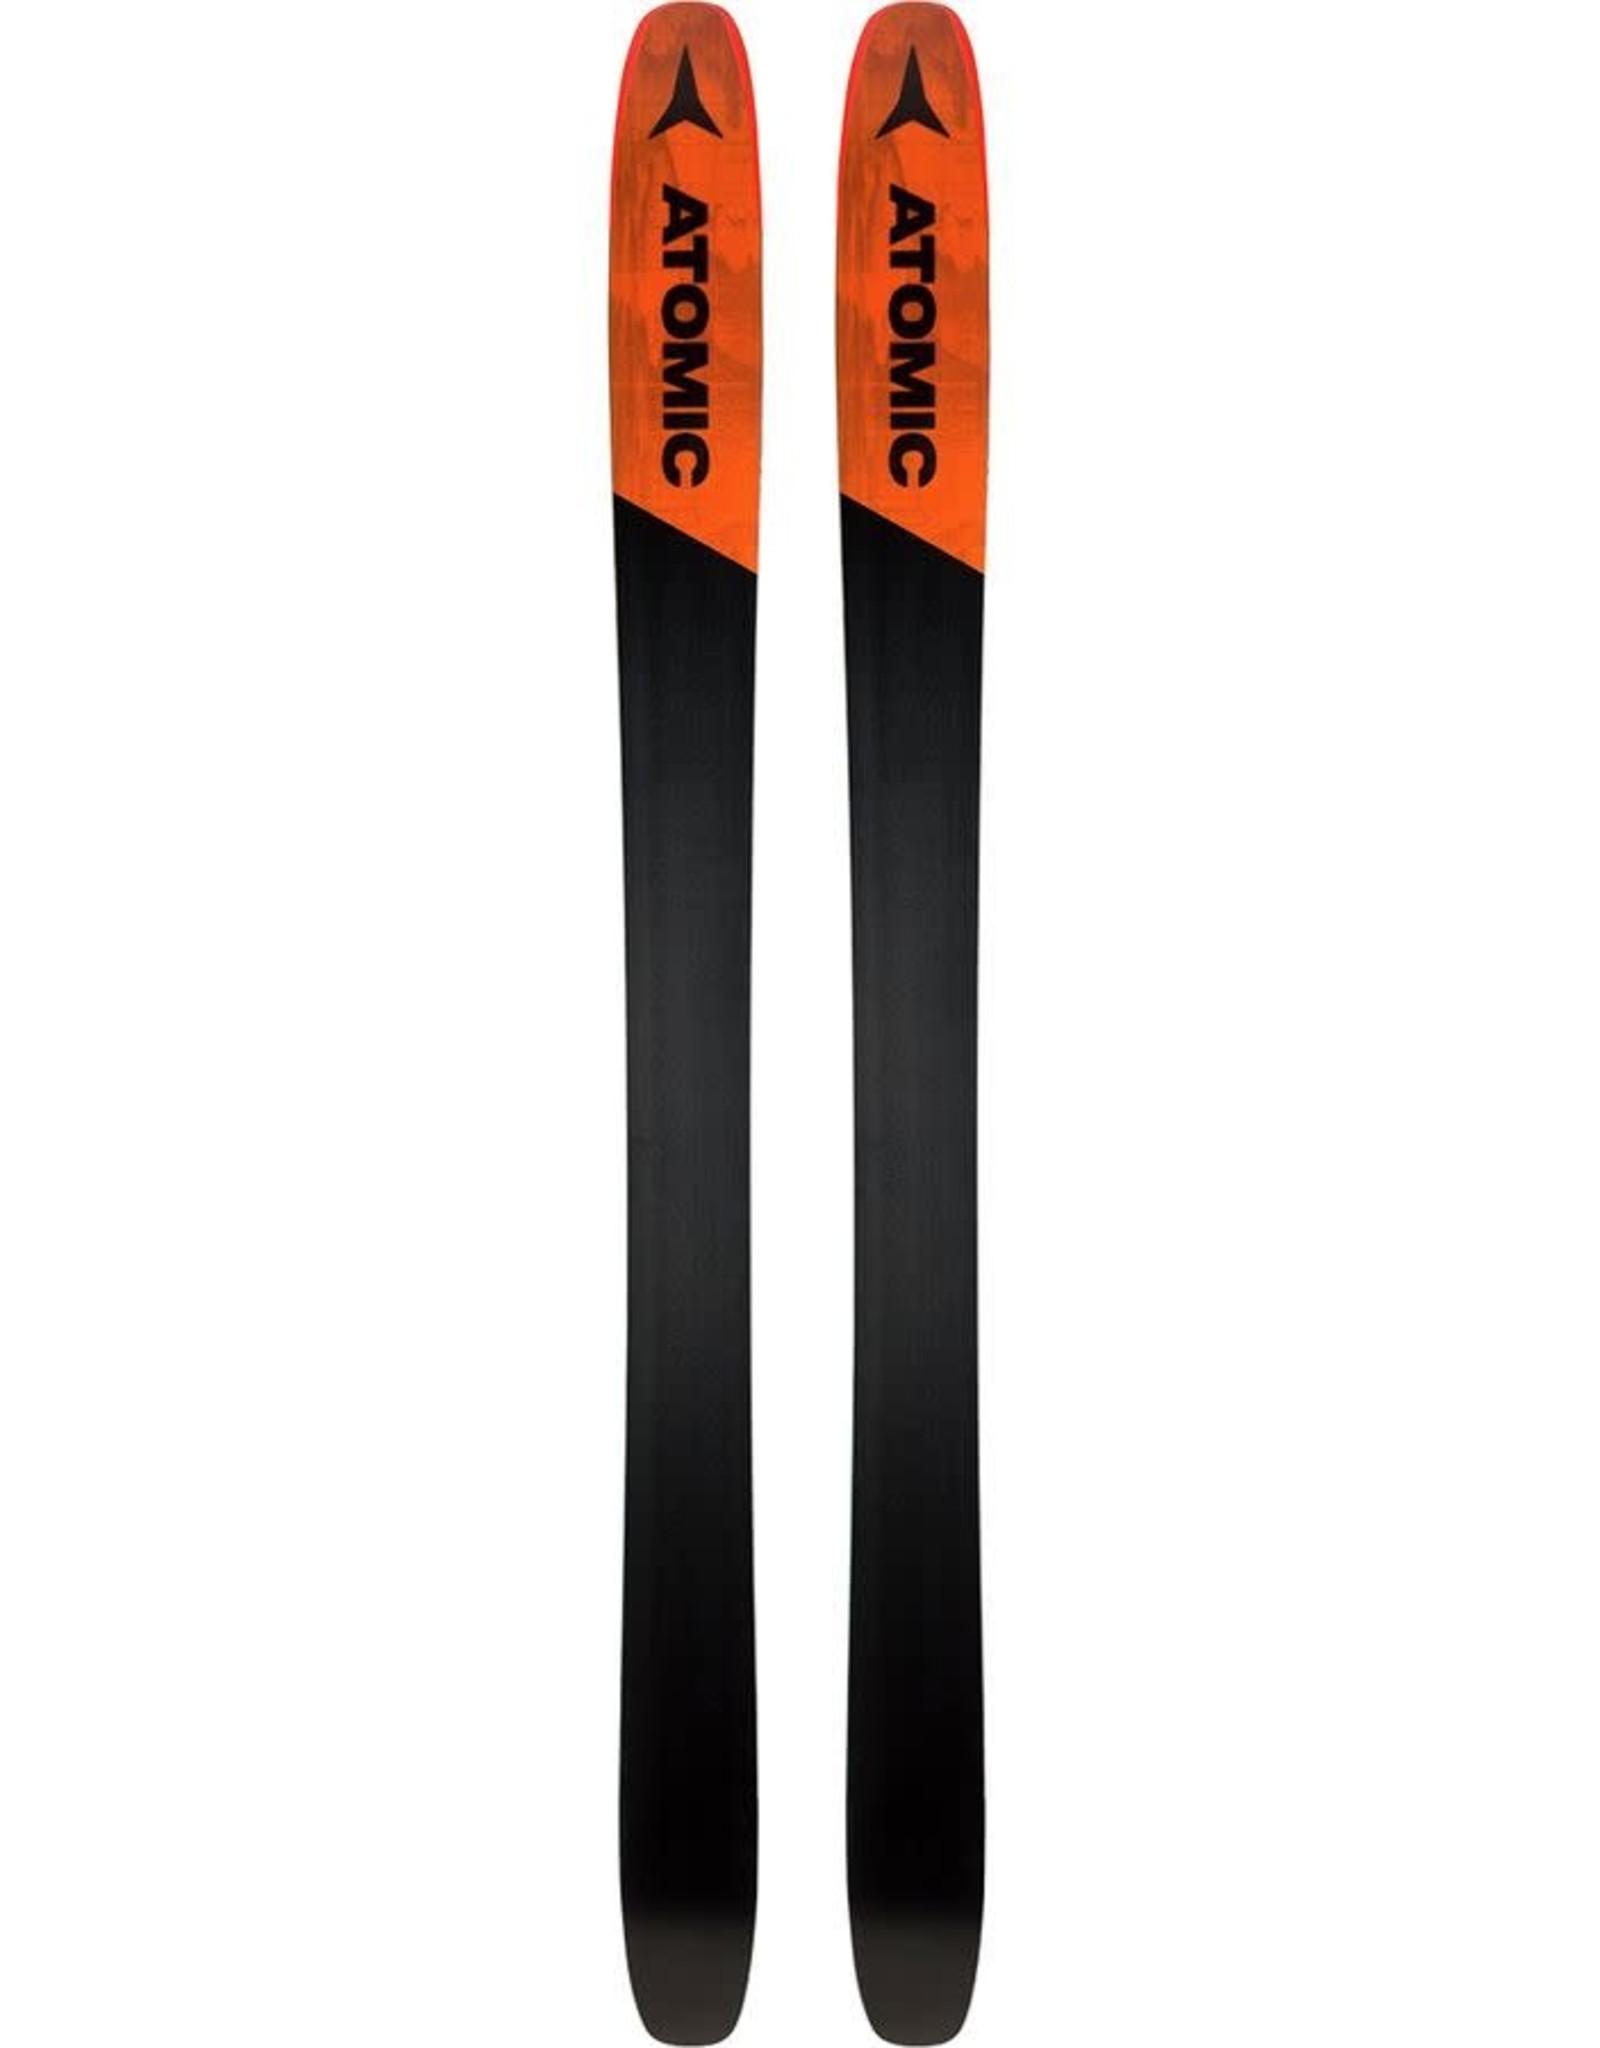 ATOMIC ATOMIC Skis BACKLAND 117 (19/20)